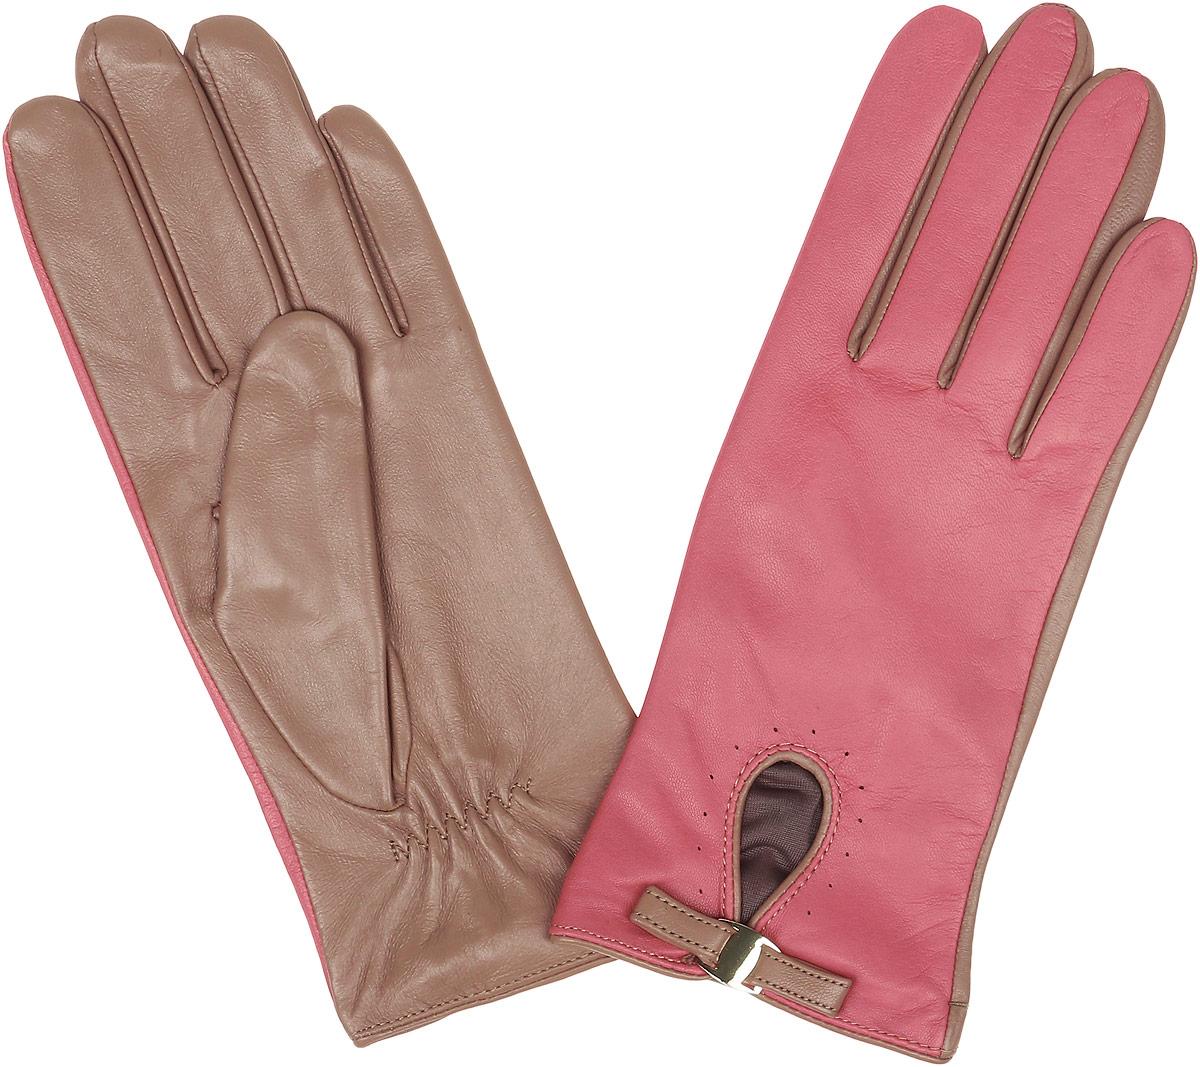 Перчатки женские Fabretti, цвет: коралловый, бежевый. 12.23-21s. Размер 712.23-21s coralСтильные женские перчатки Fabretti не только защитят ваши руки, но и станут великолепным украшением. Перчатки выполнены из натуральной кожи ягненка, а их подкладка - из высококачественного шелка.Модель дополнена небольшой прорезью, оформленной металлической пластиной и кожаным хлястиком. Строчки-стежки на запястье придают перчаткам динамичное настроение. Стильный аксессуар для повседневного образа.